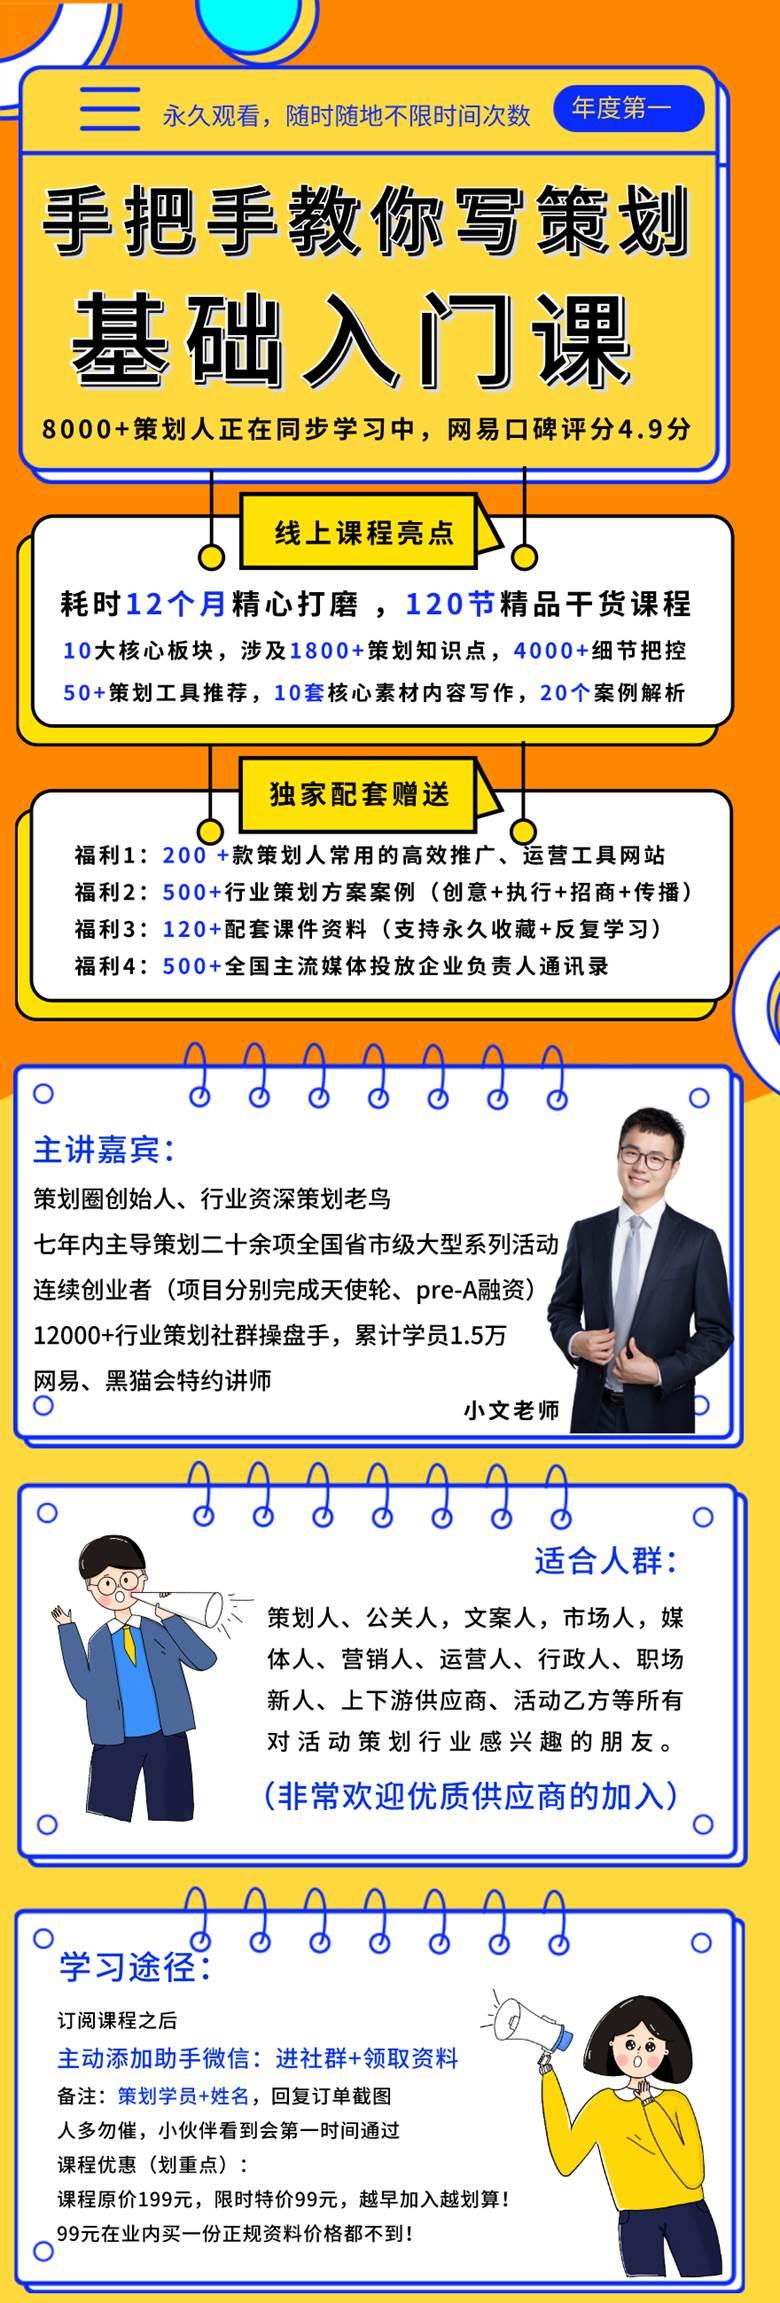 详情介绍海报2.jpeg